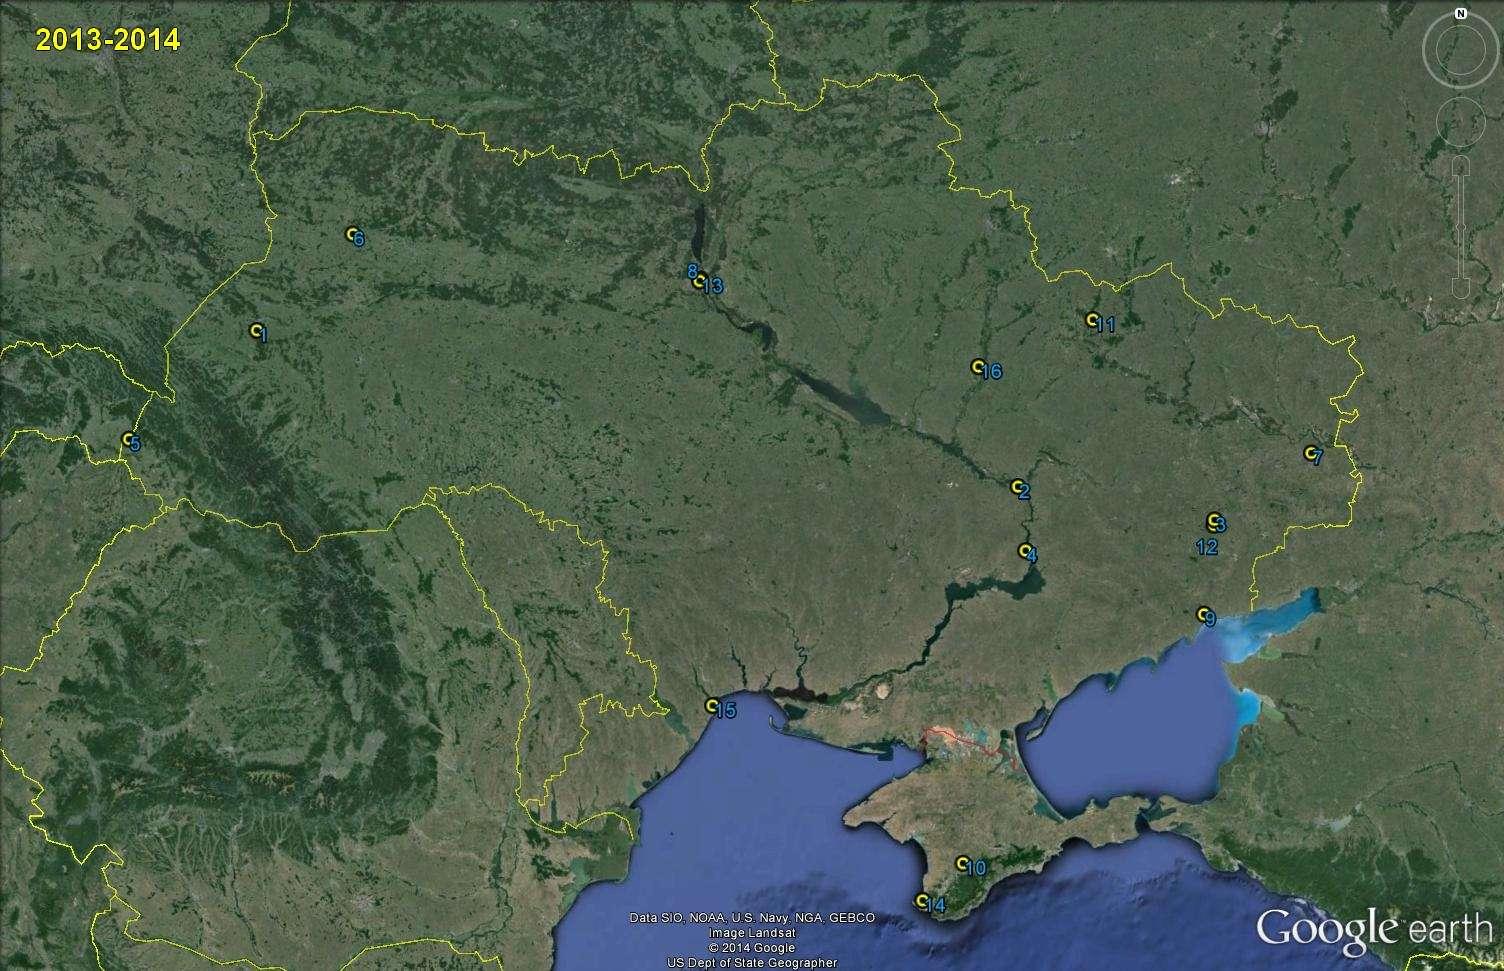 Petite géographie du football européen (championnat 2013-2014... et suivants) - Page 3 Ukrain13